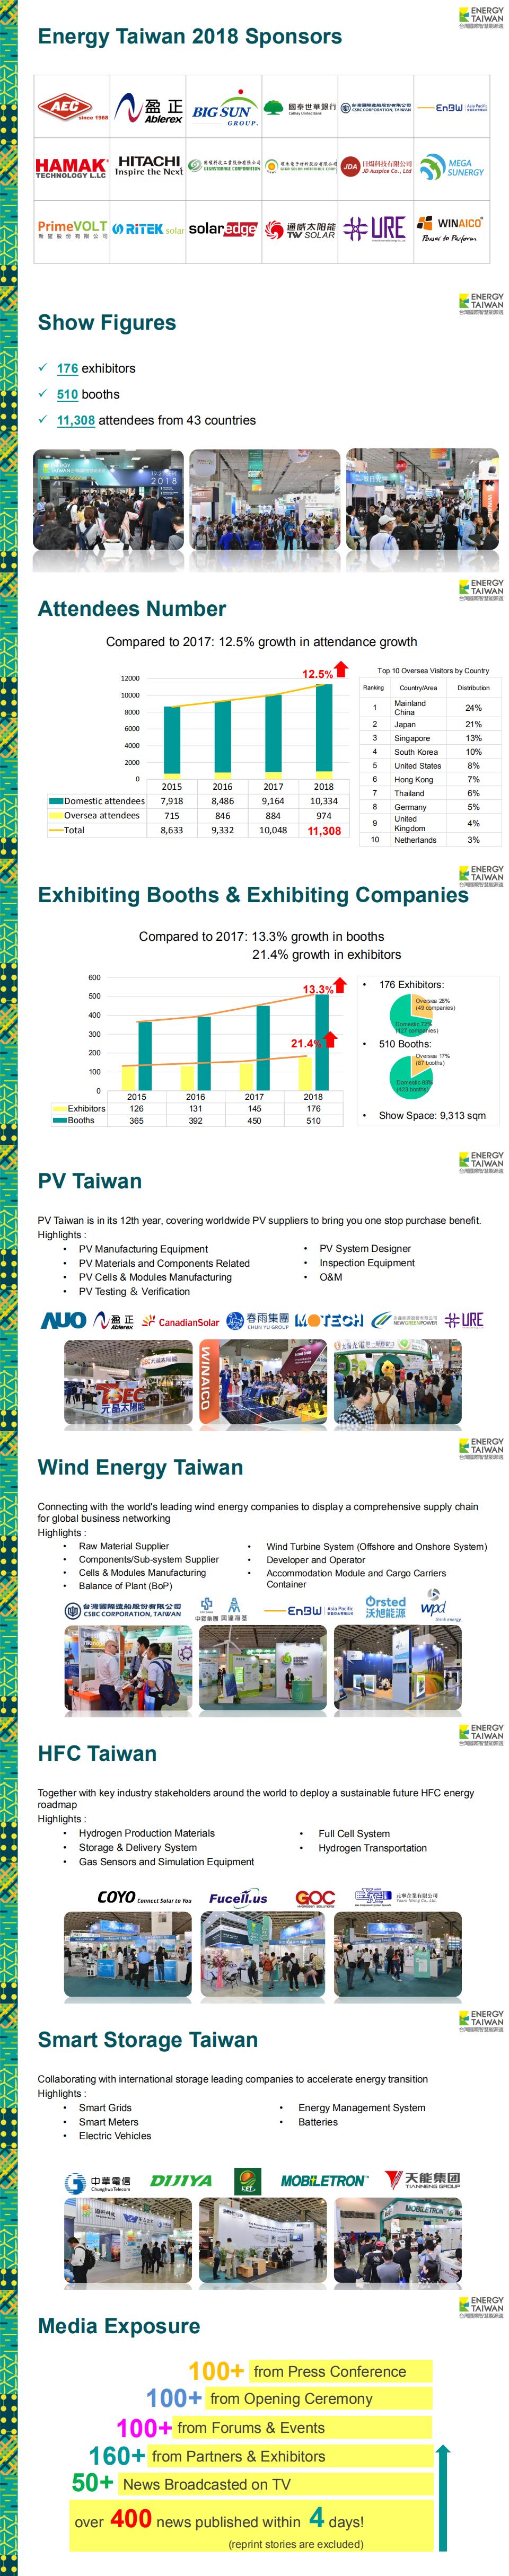 臺灣太陽能光伏展覽會PV Taiwan